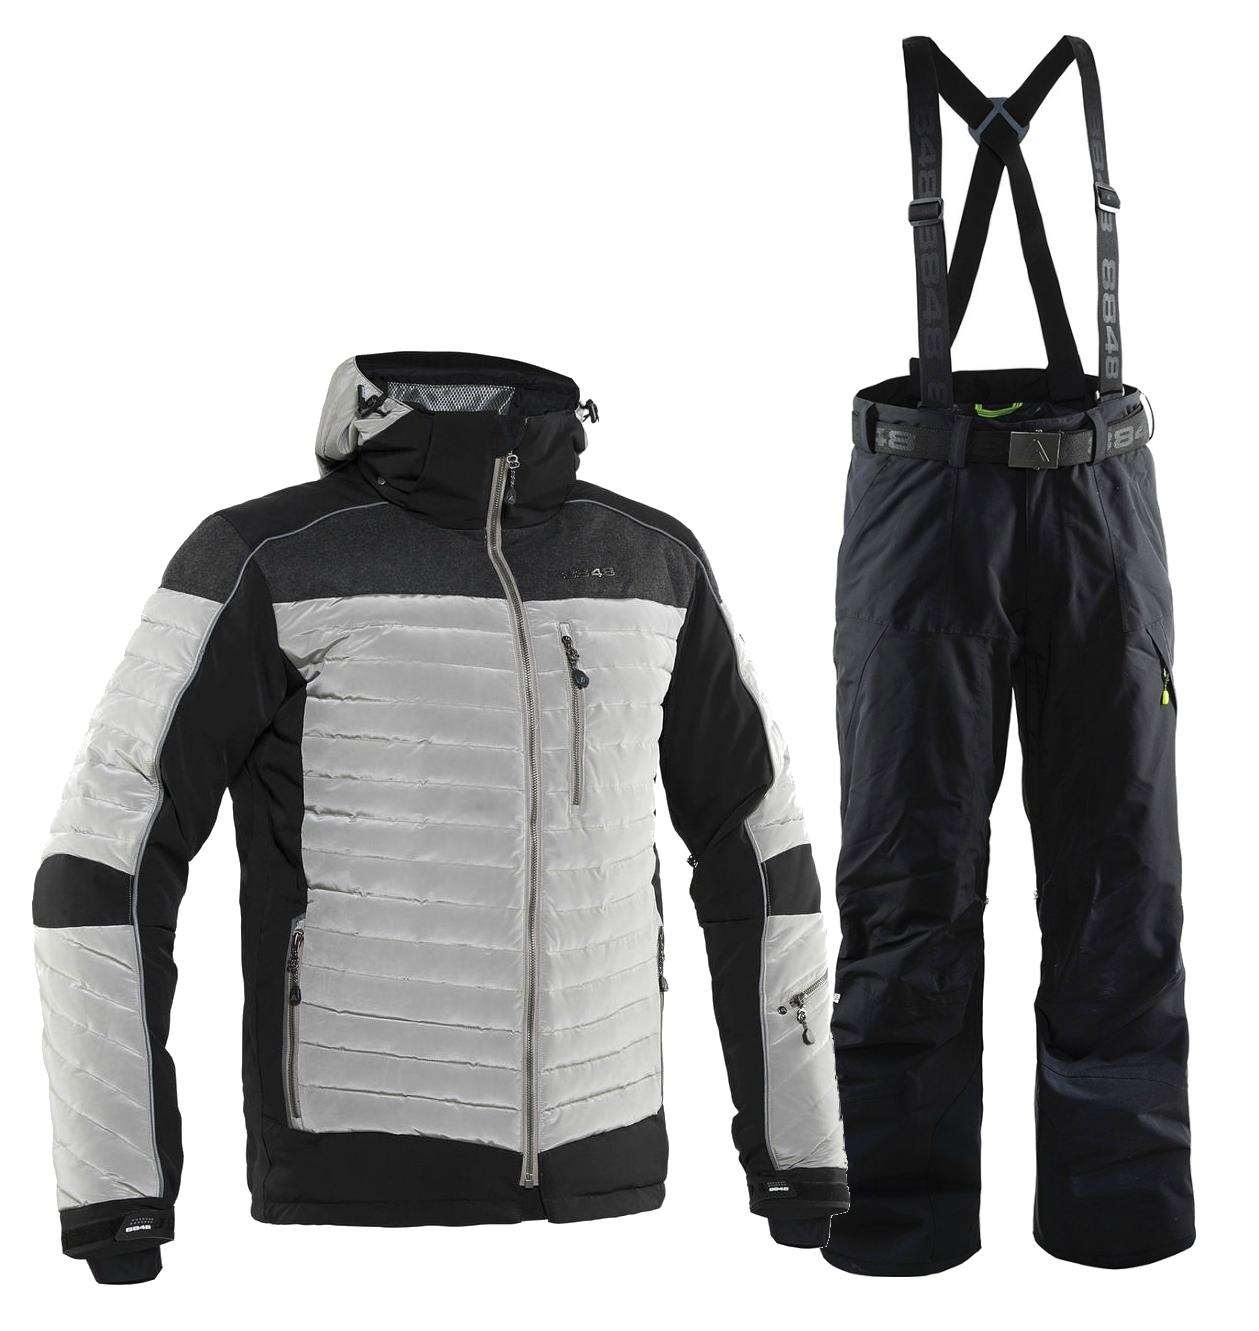 8848 ALTITUDE TERBIUM BASE мужской горнолыжный костюм серый